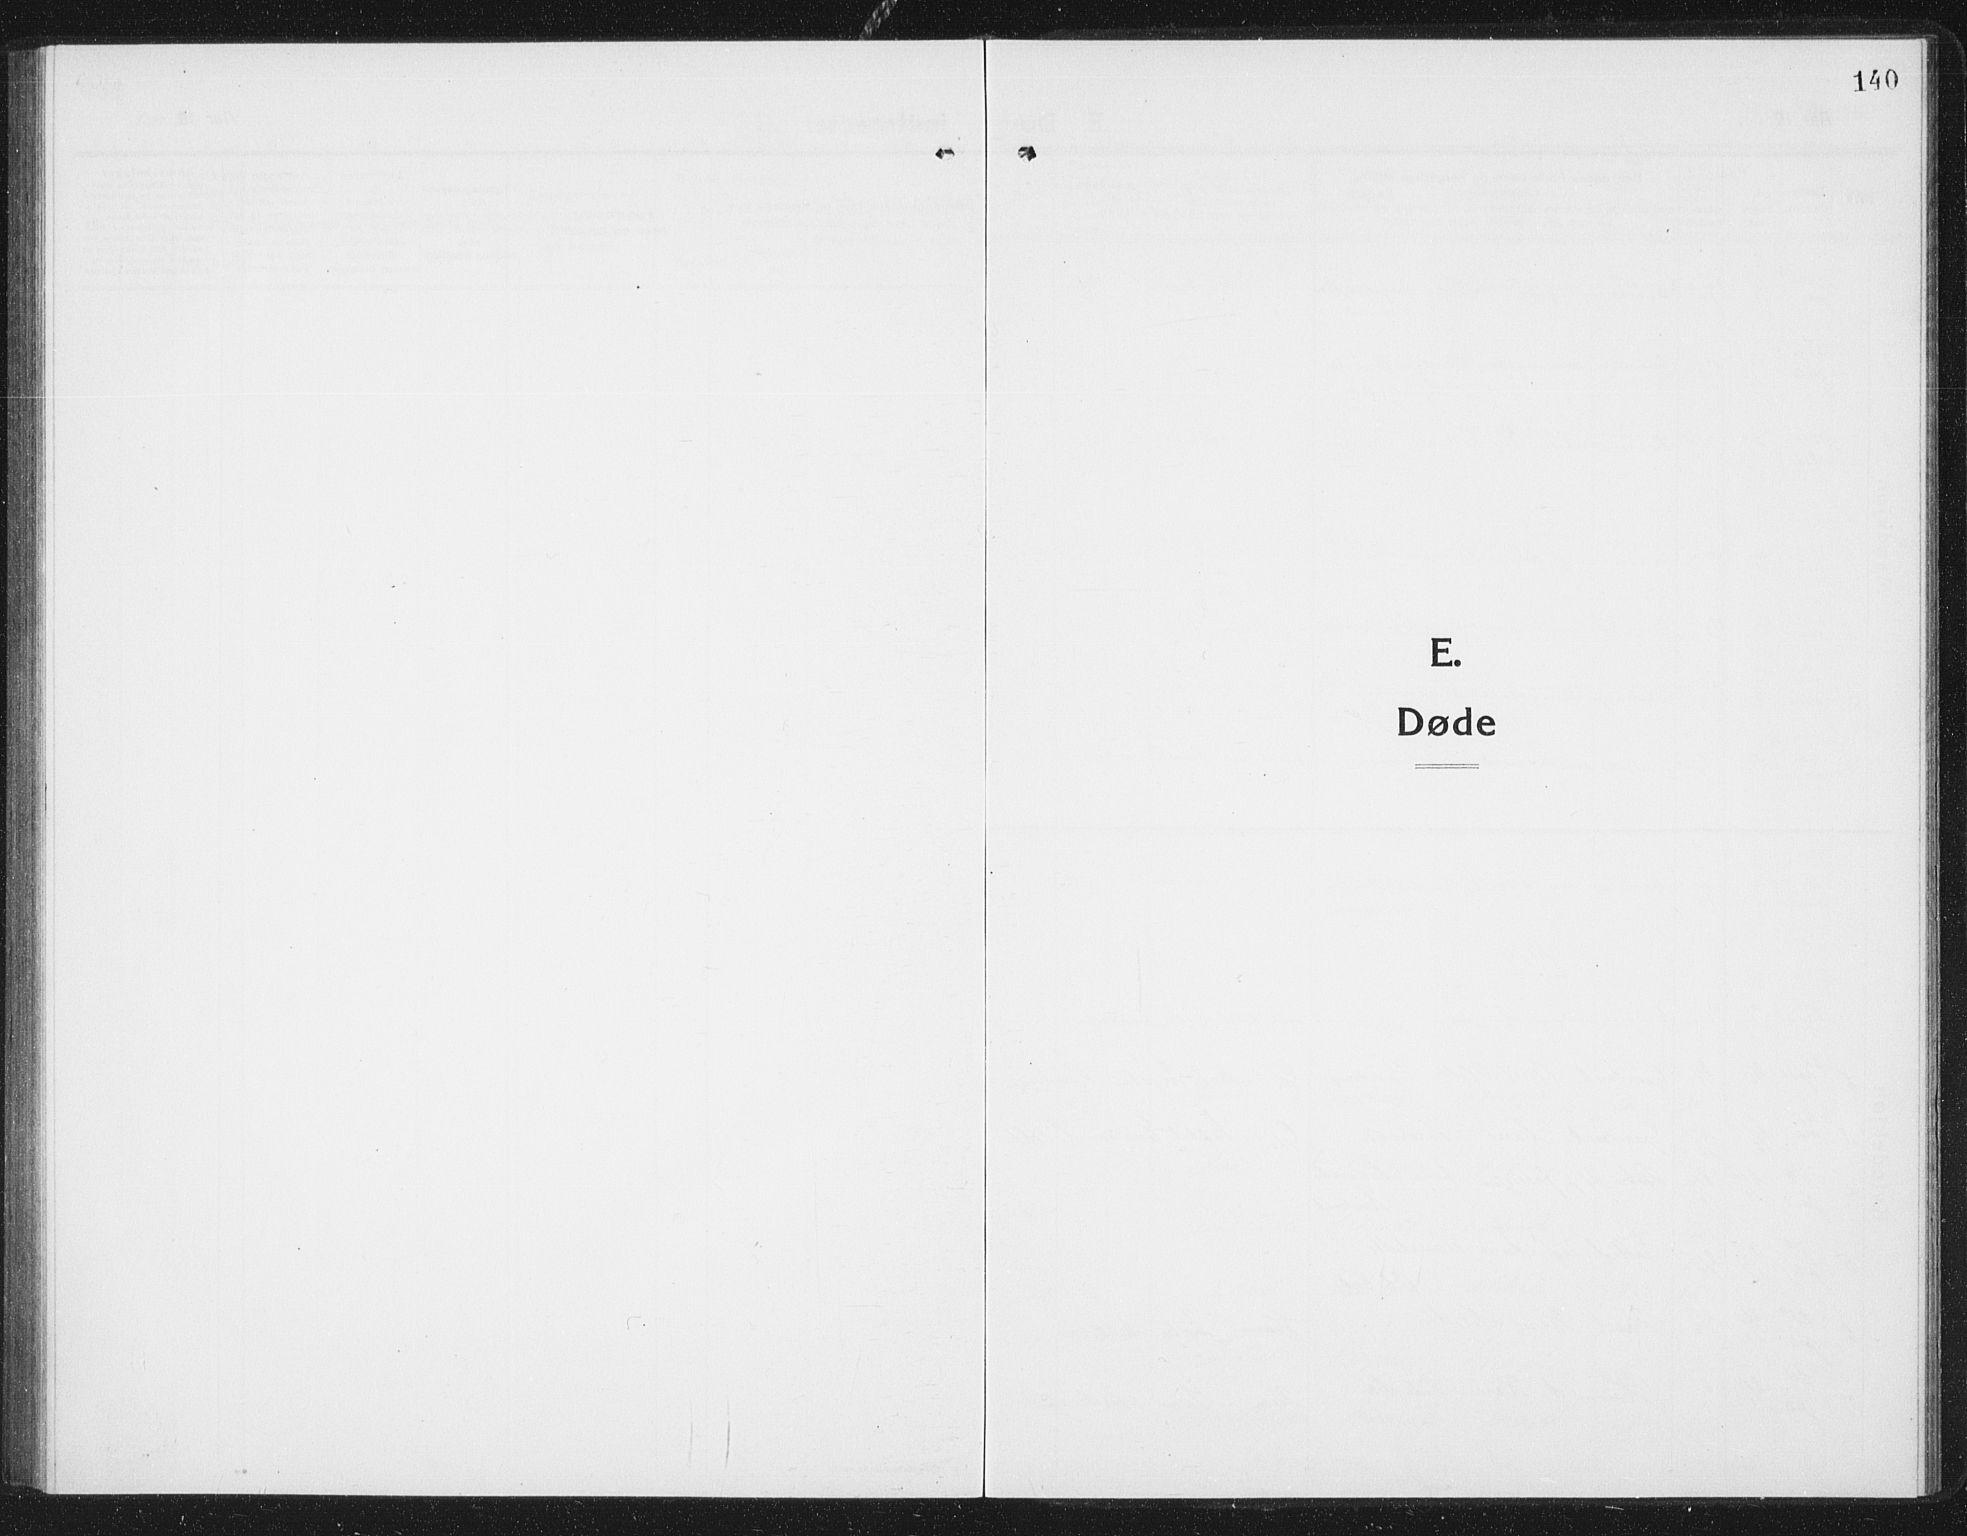 SAT, Ministerialprotokoller, klokkerbøker og fødselsregistre - Sør-Trøndelag, 675/L0888: Klokkerbok nr. 675C01, 1913-1935, s. 140